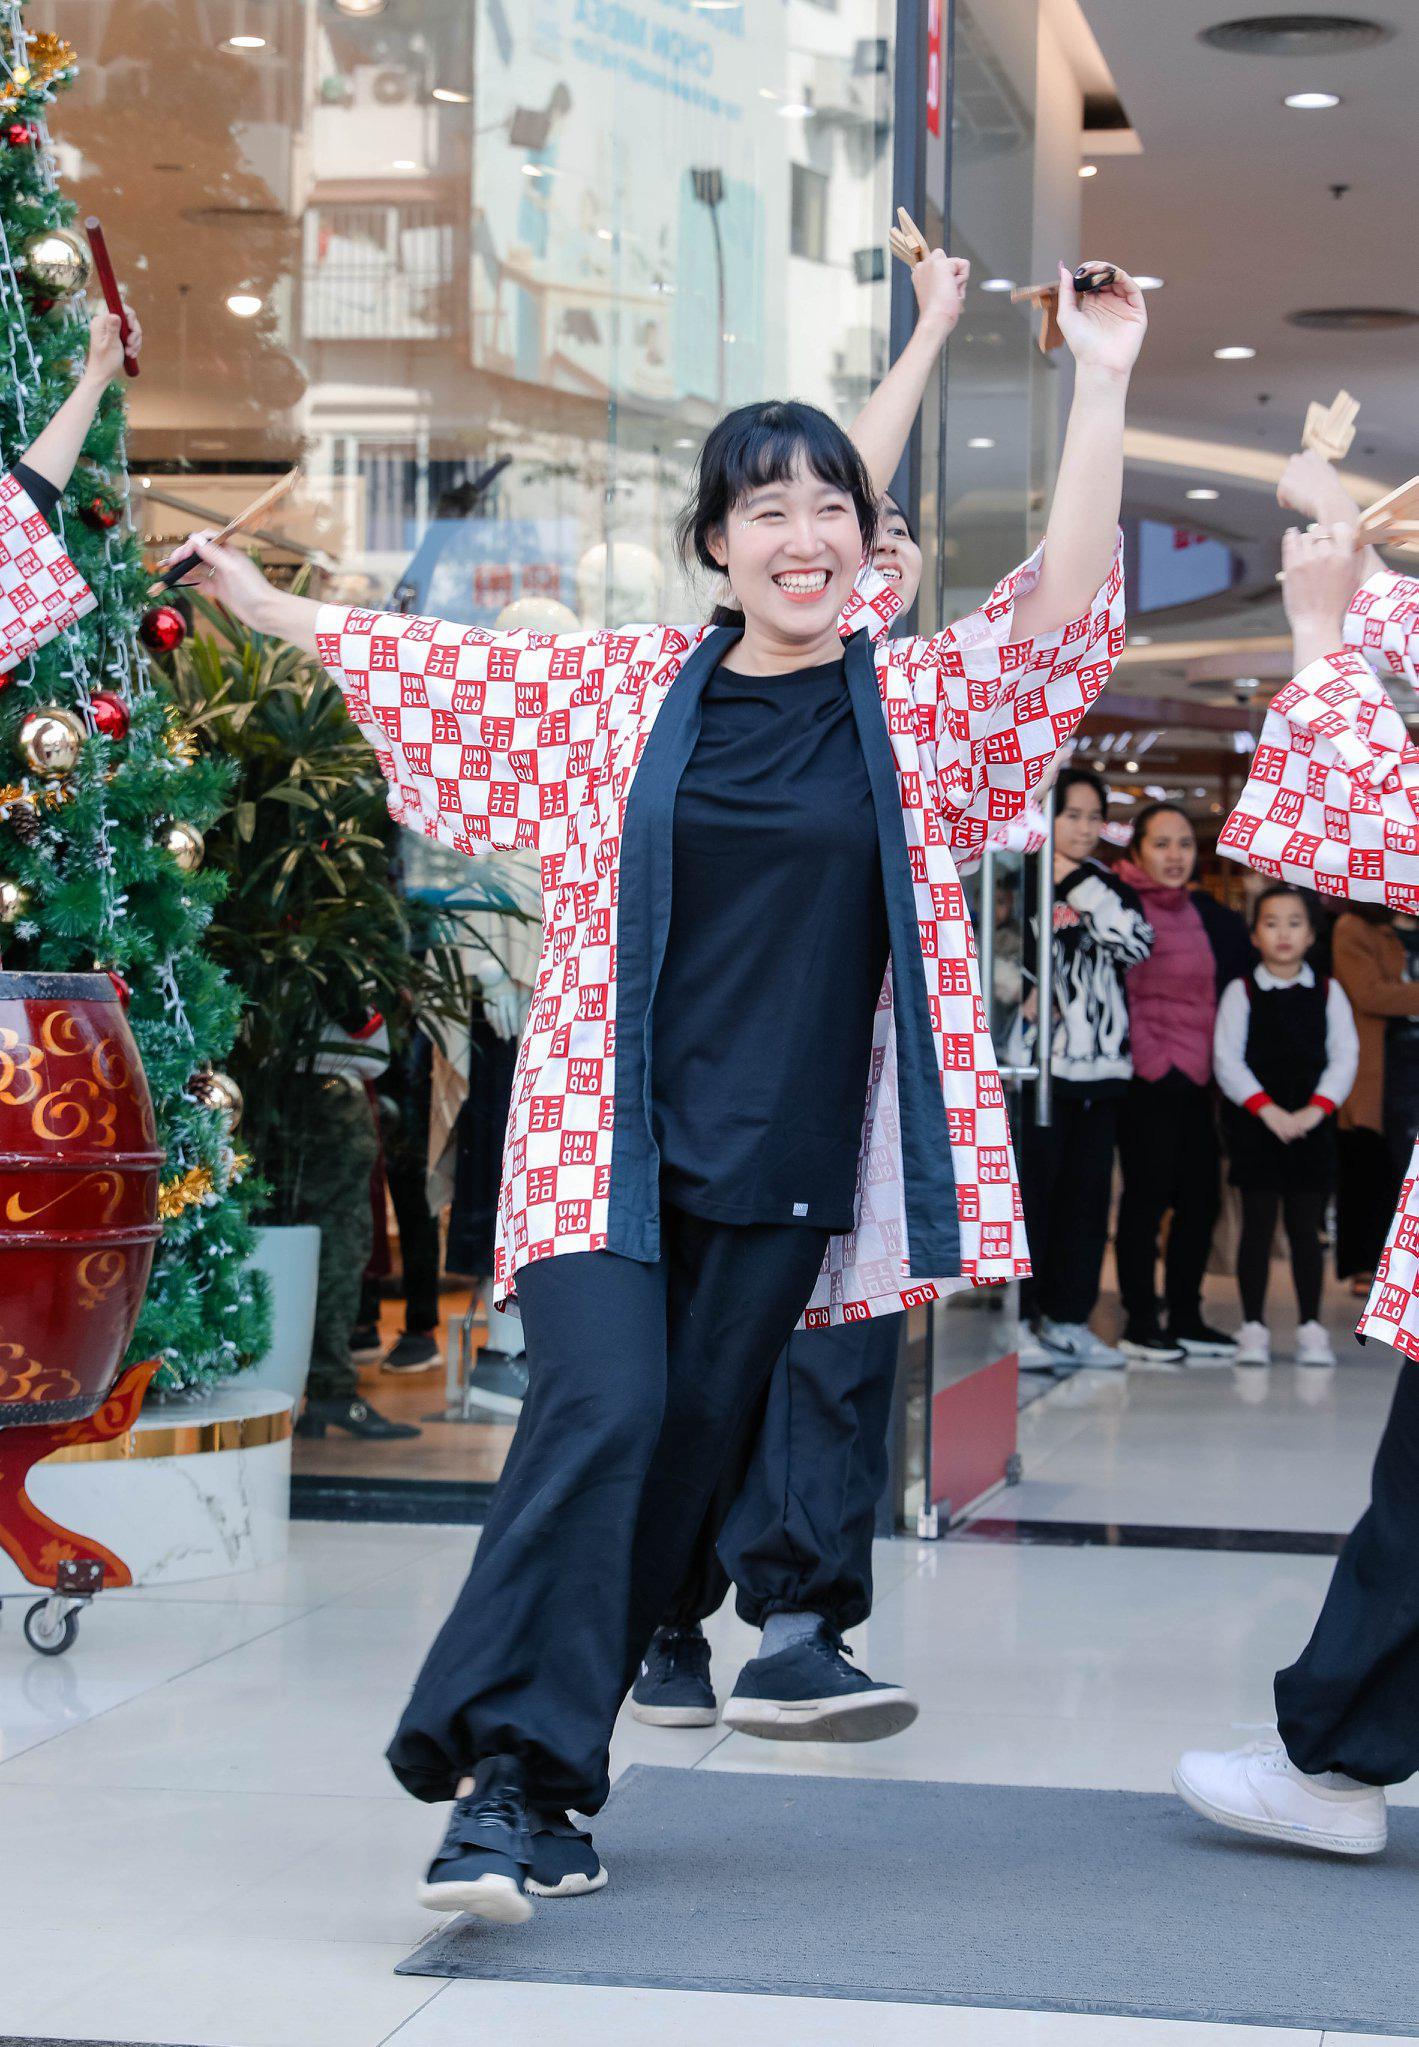 UNIQLO gửi gắm thông điệp mừng năm mới qua vũ điệu Yosakoi đậm chất Nhật - Ảnh 8.